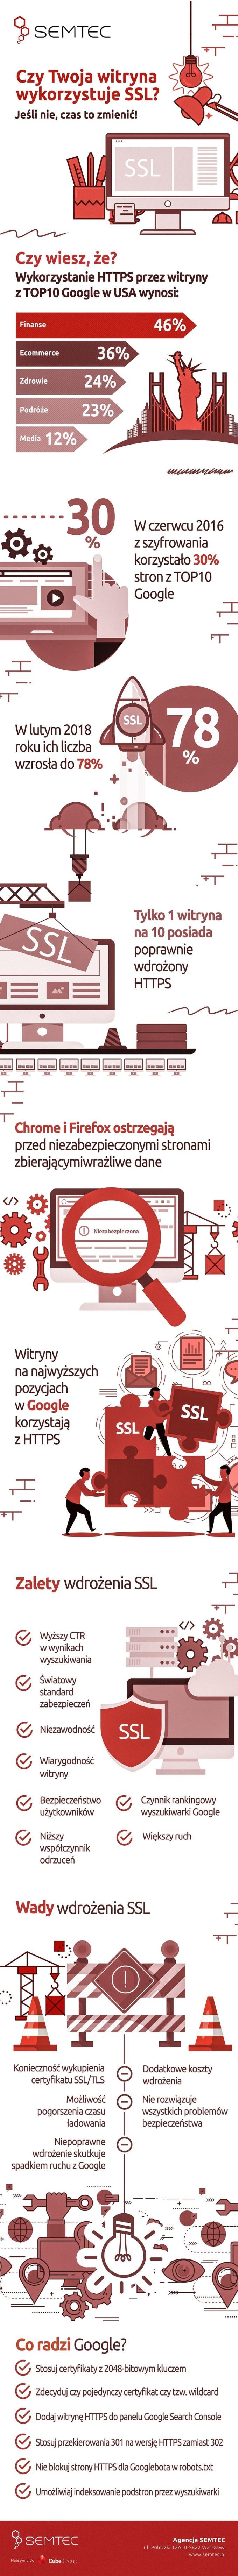 Infografika: Dlaczego już warto wdrożyć certyfikat SSL na stronie internetowej (HTTPS)